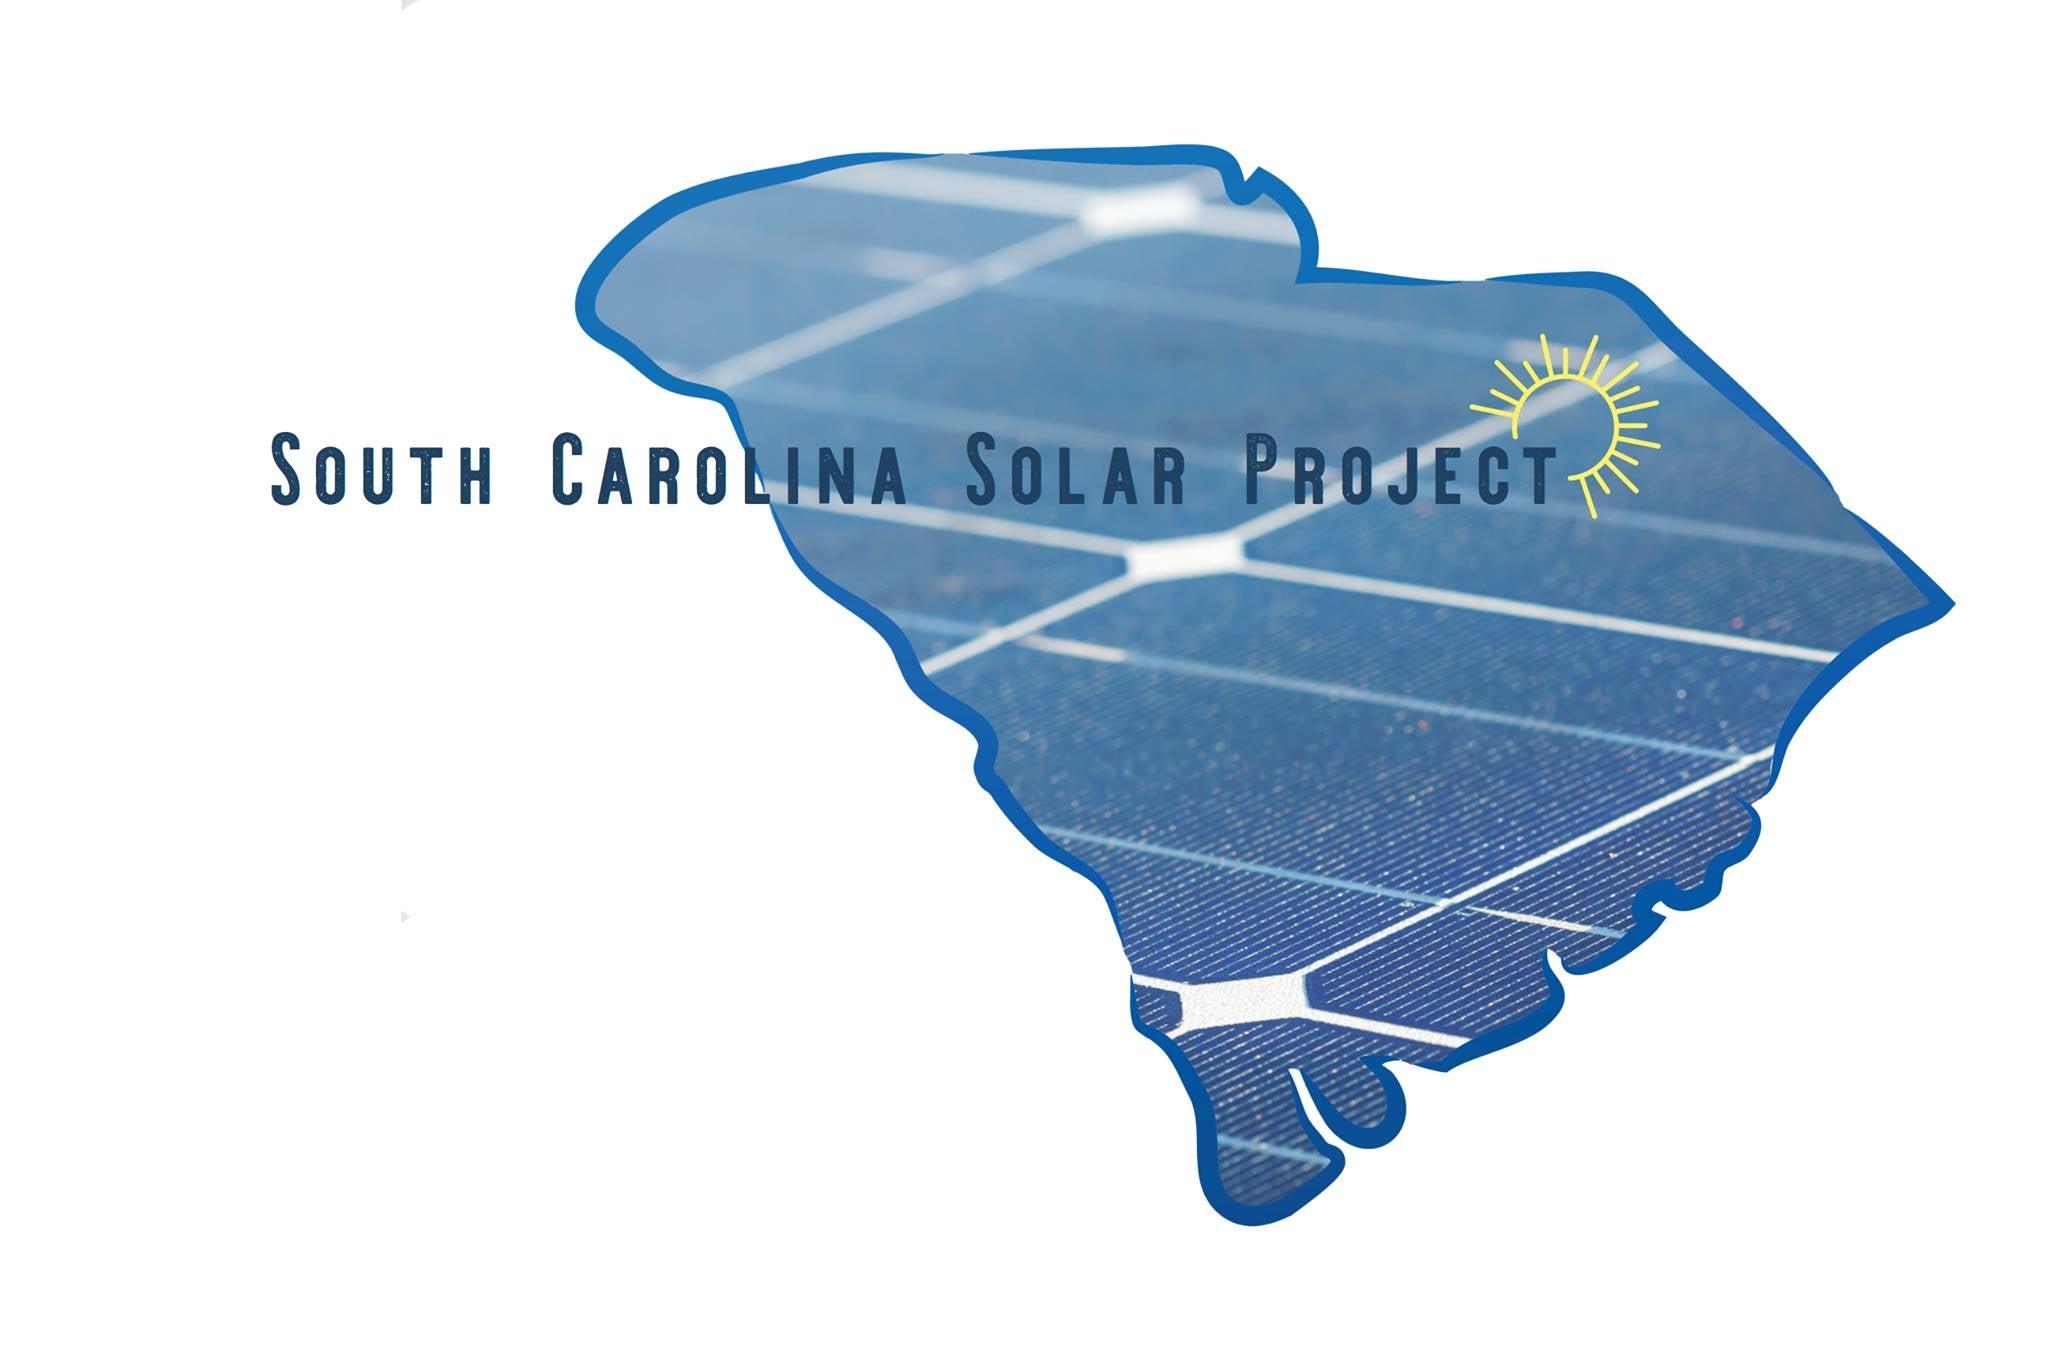 South Carolina Solar Project logo